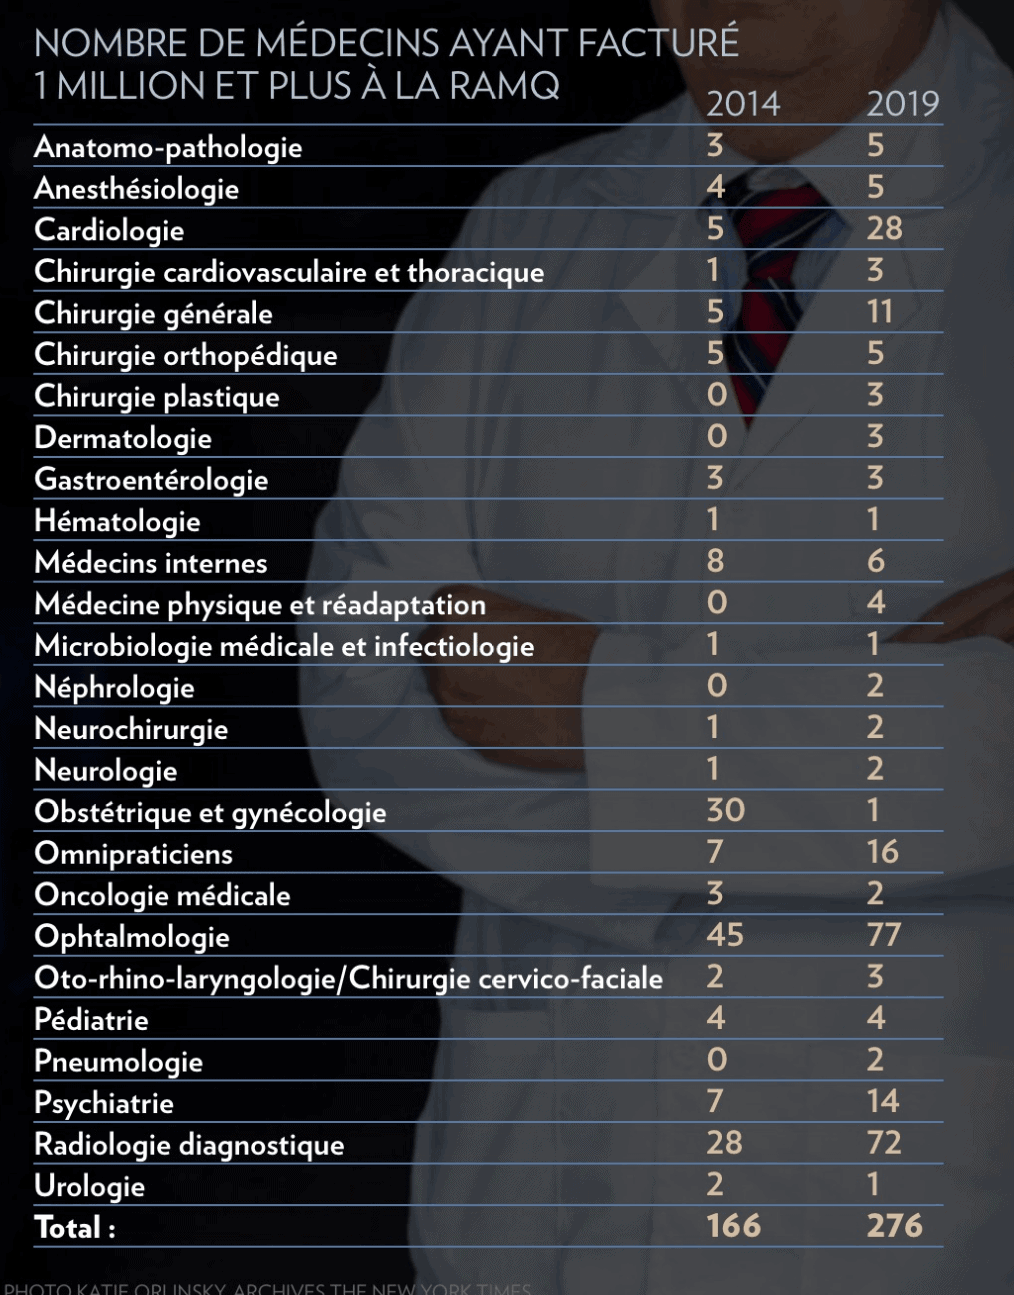 La presse - facturation médecins